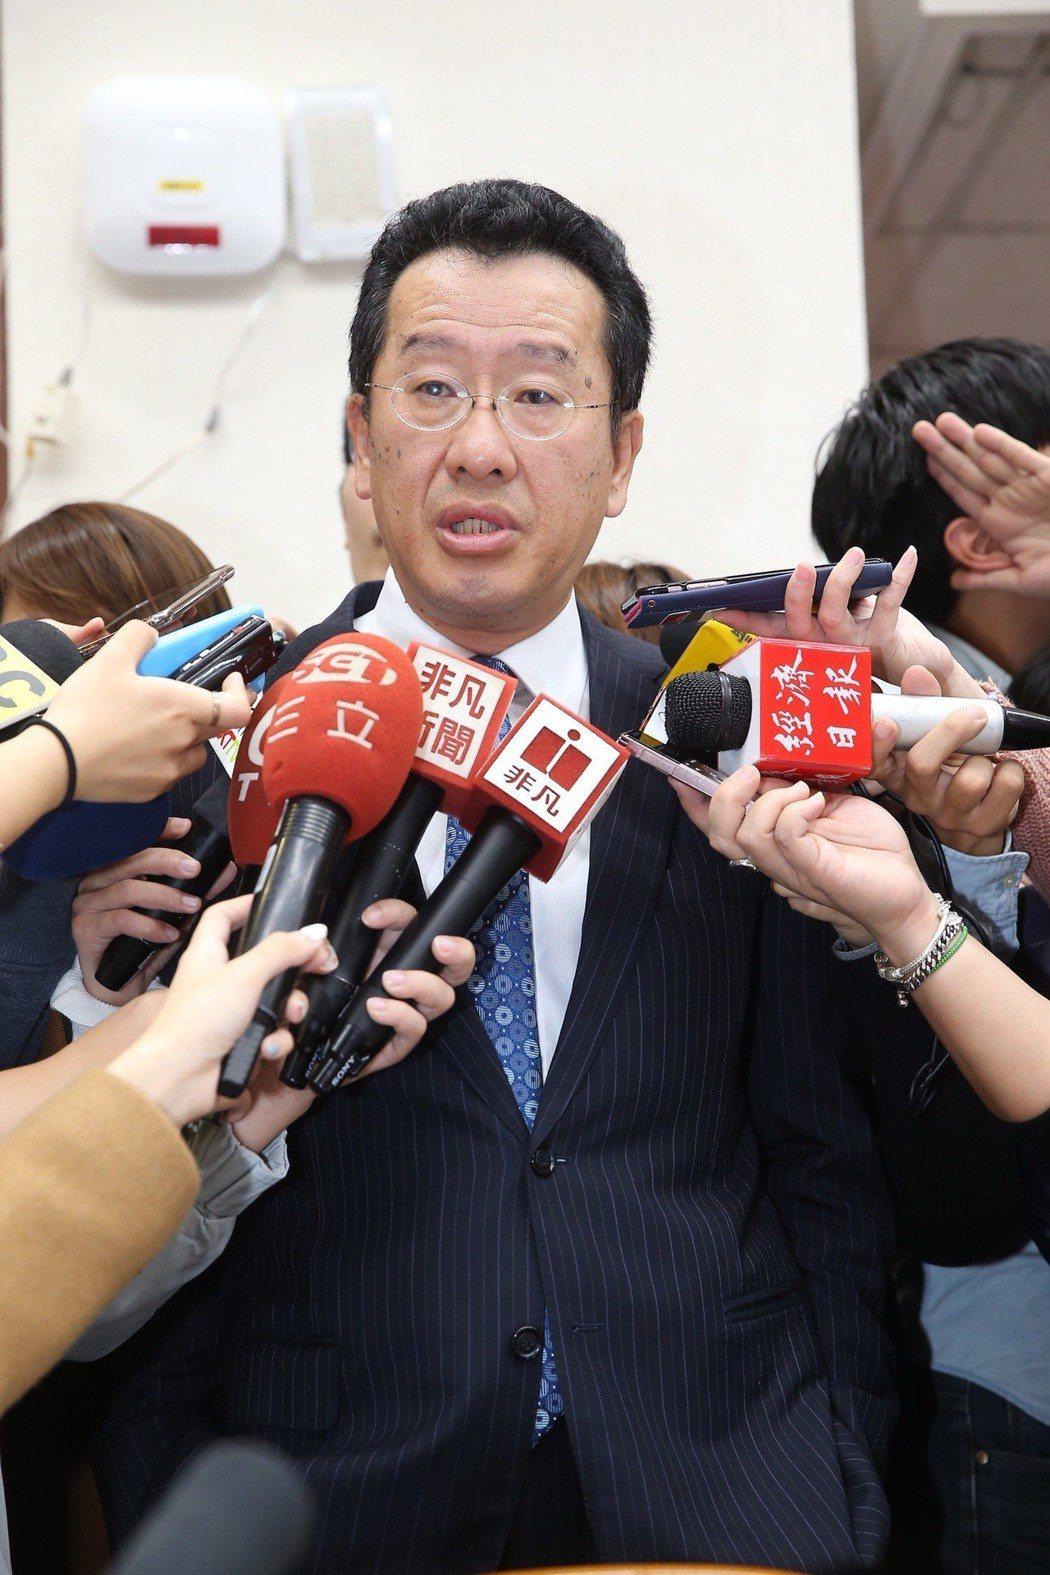 金管會主委顧立雄說,相對大陸,台灣資本市場有5大優勢。記者高彬原/攝影 。